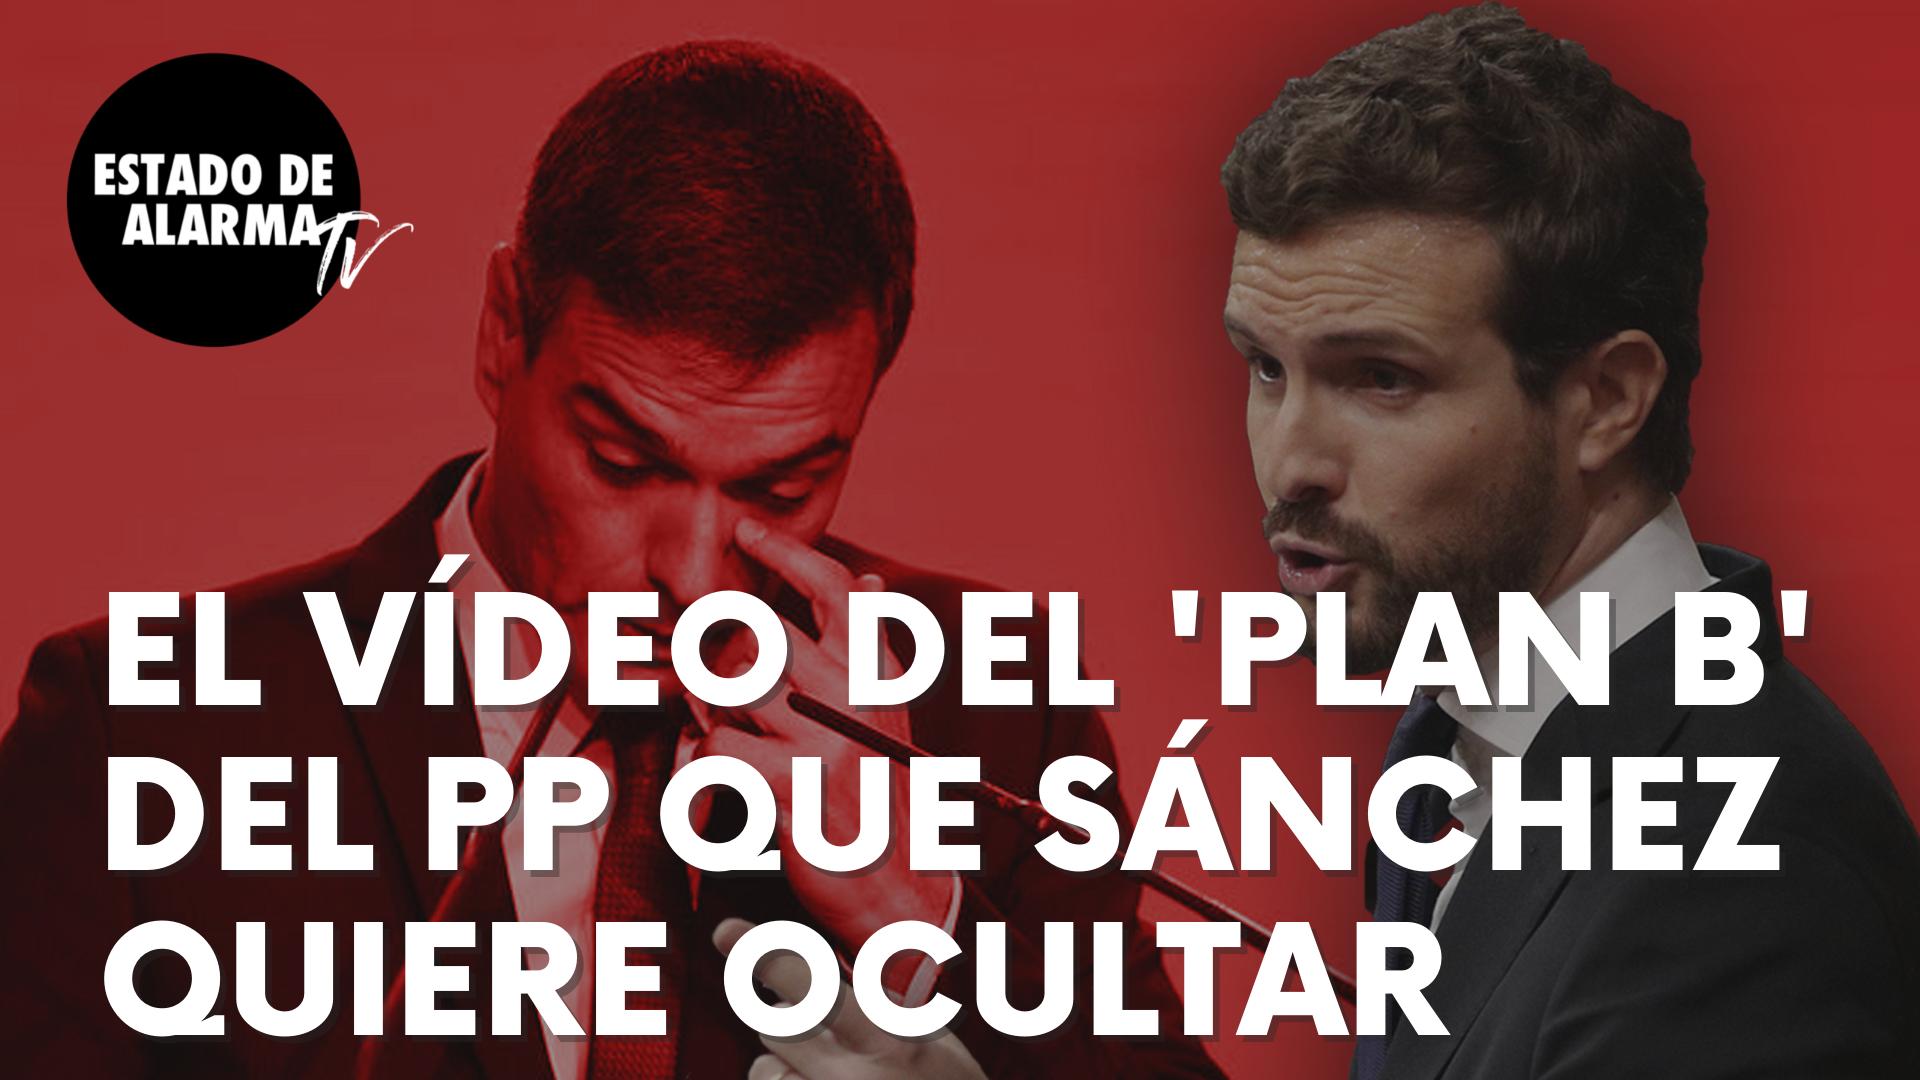 El vídeo sobre el 'Plan B' jurídico al estado de alarma del PP que Sánchez quiere ocultar